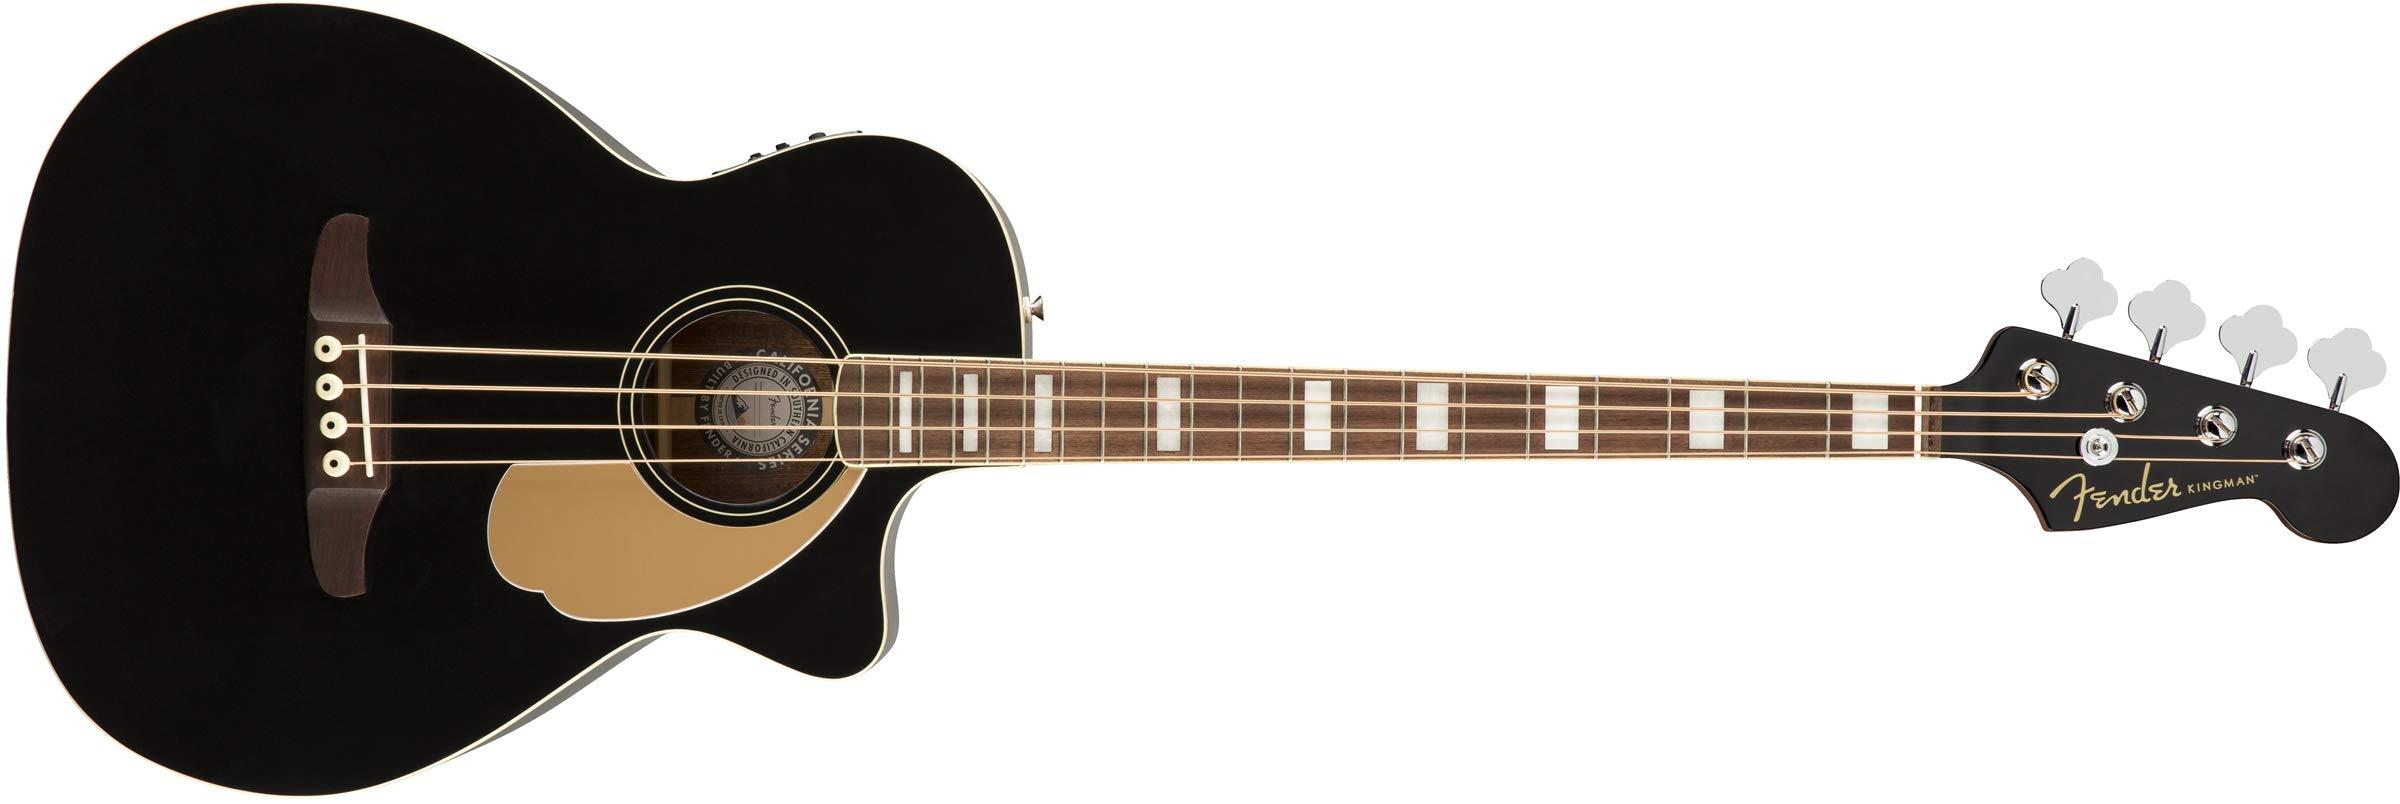 Fender Kingman Acoustic Bass Guitar (V2) - Black - with Bag - Walnut Fingerboard